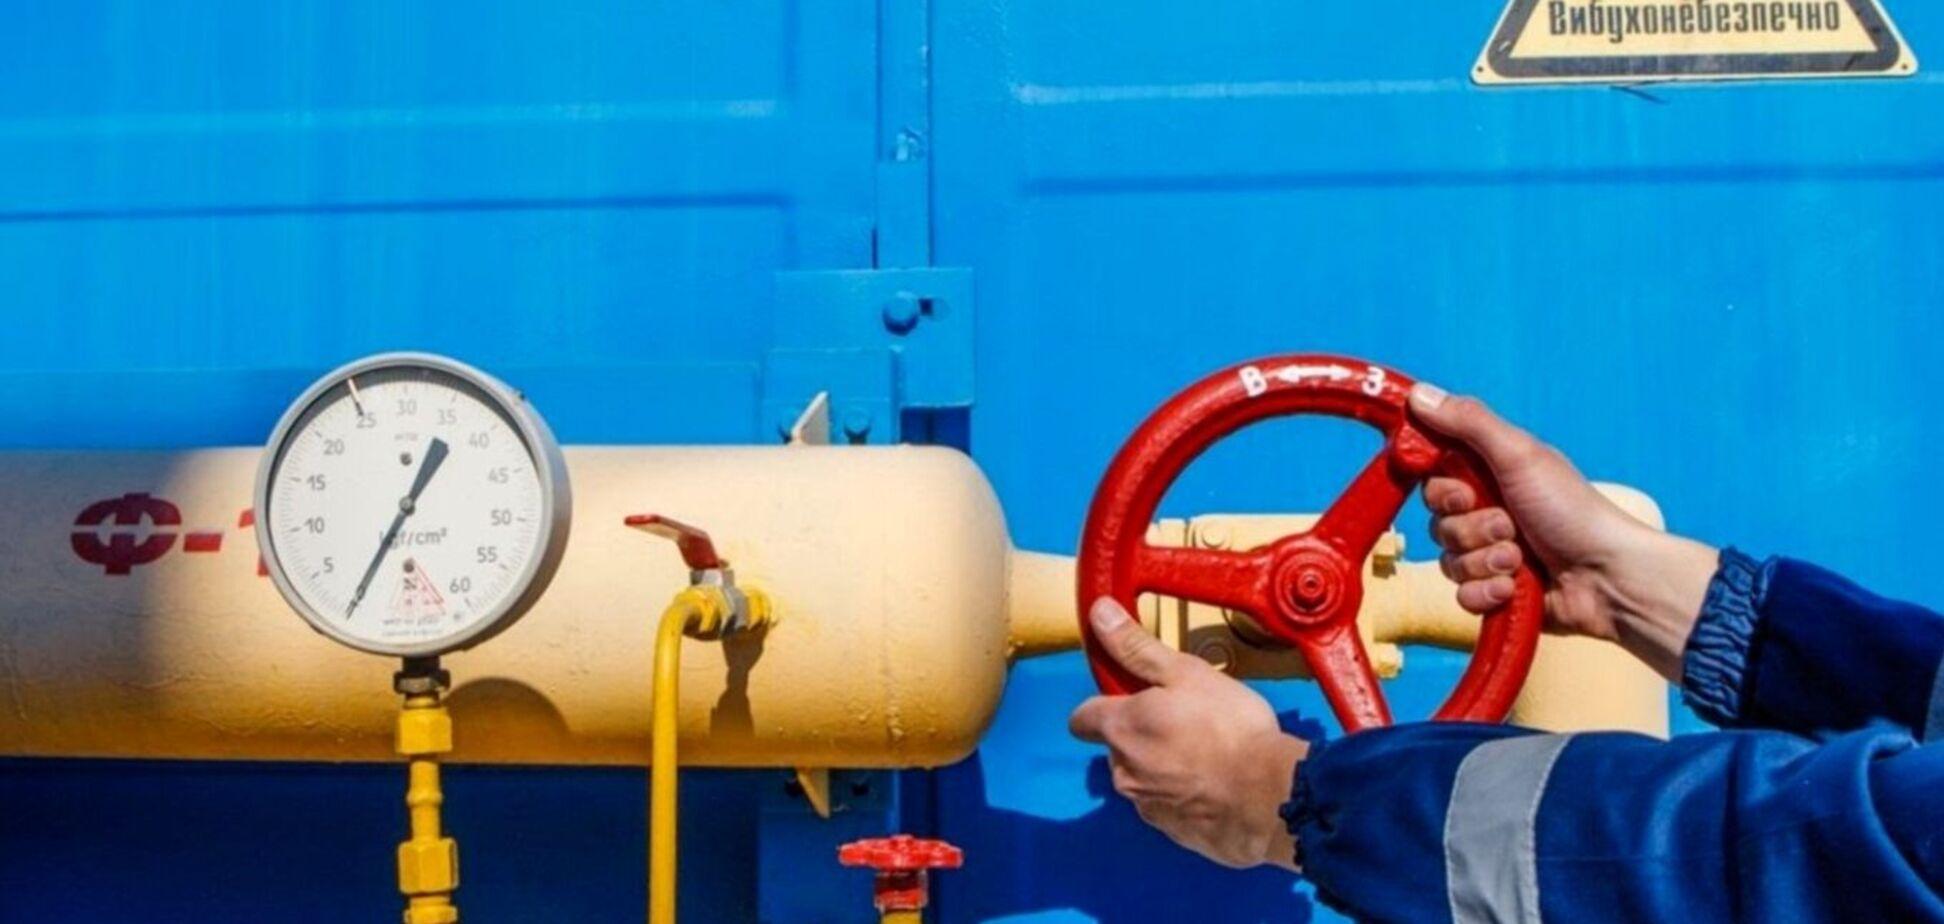 В Донецкой области открыли уголовное производство из-за подачи газа